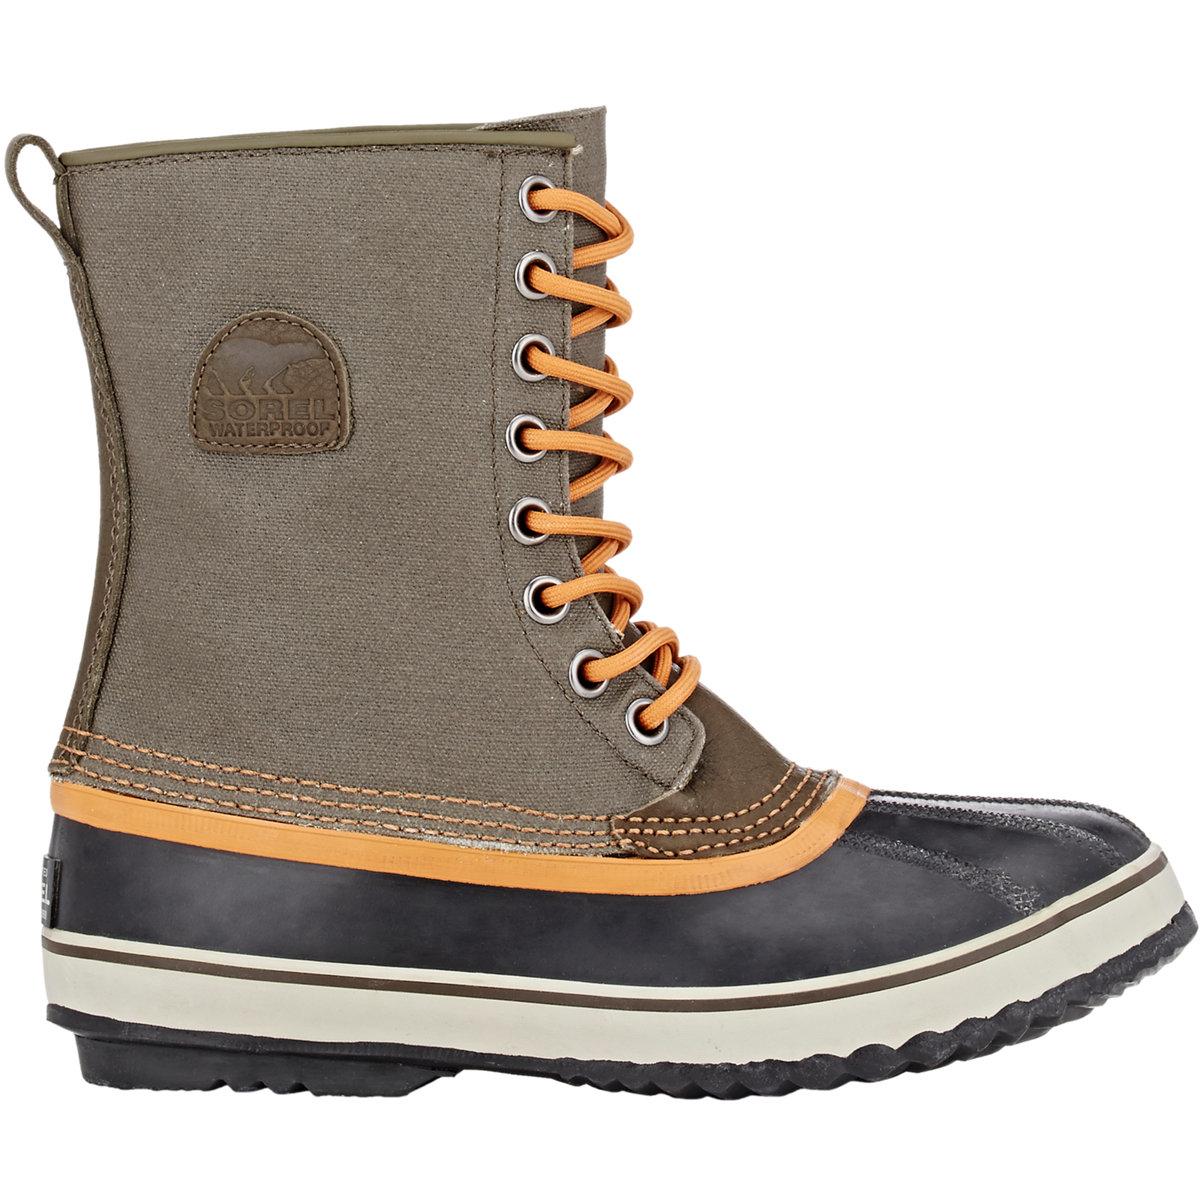 22d7f34a752 Sorel Green 1964 PremiumTM T Cvs Boots for men